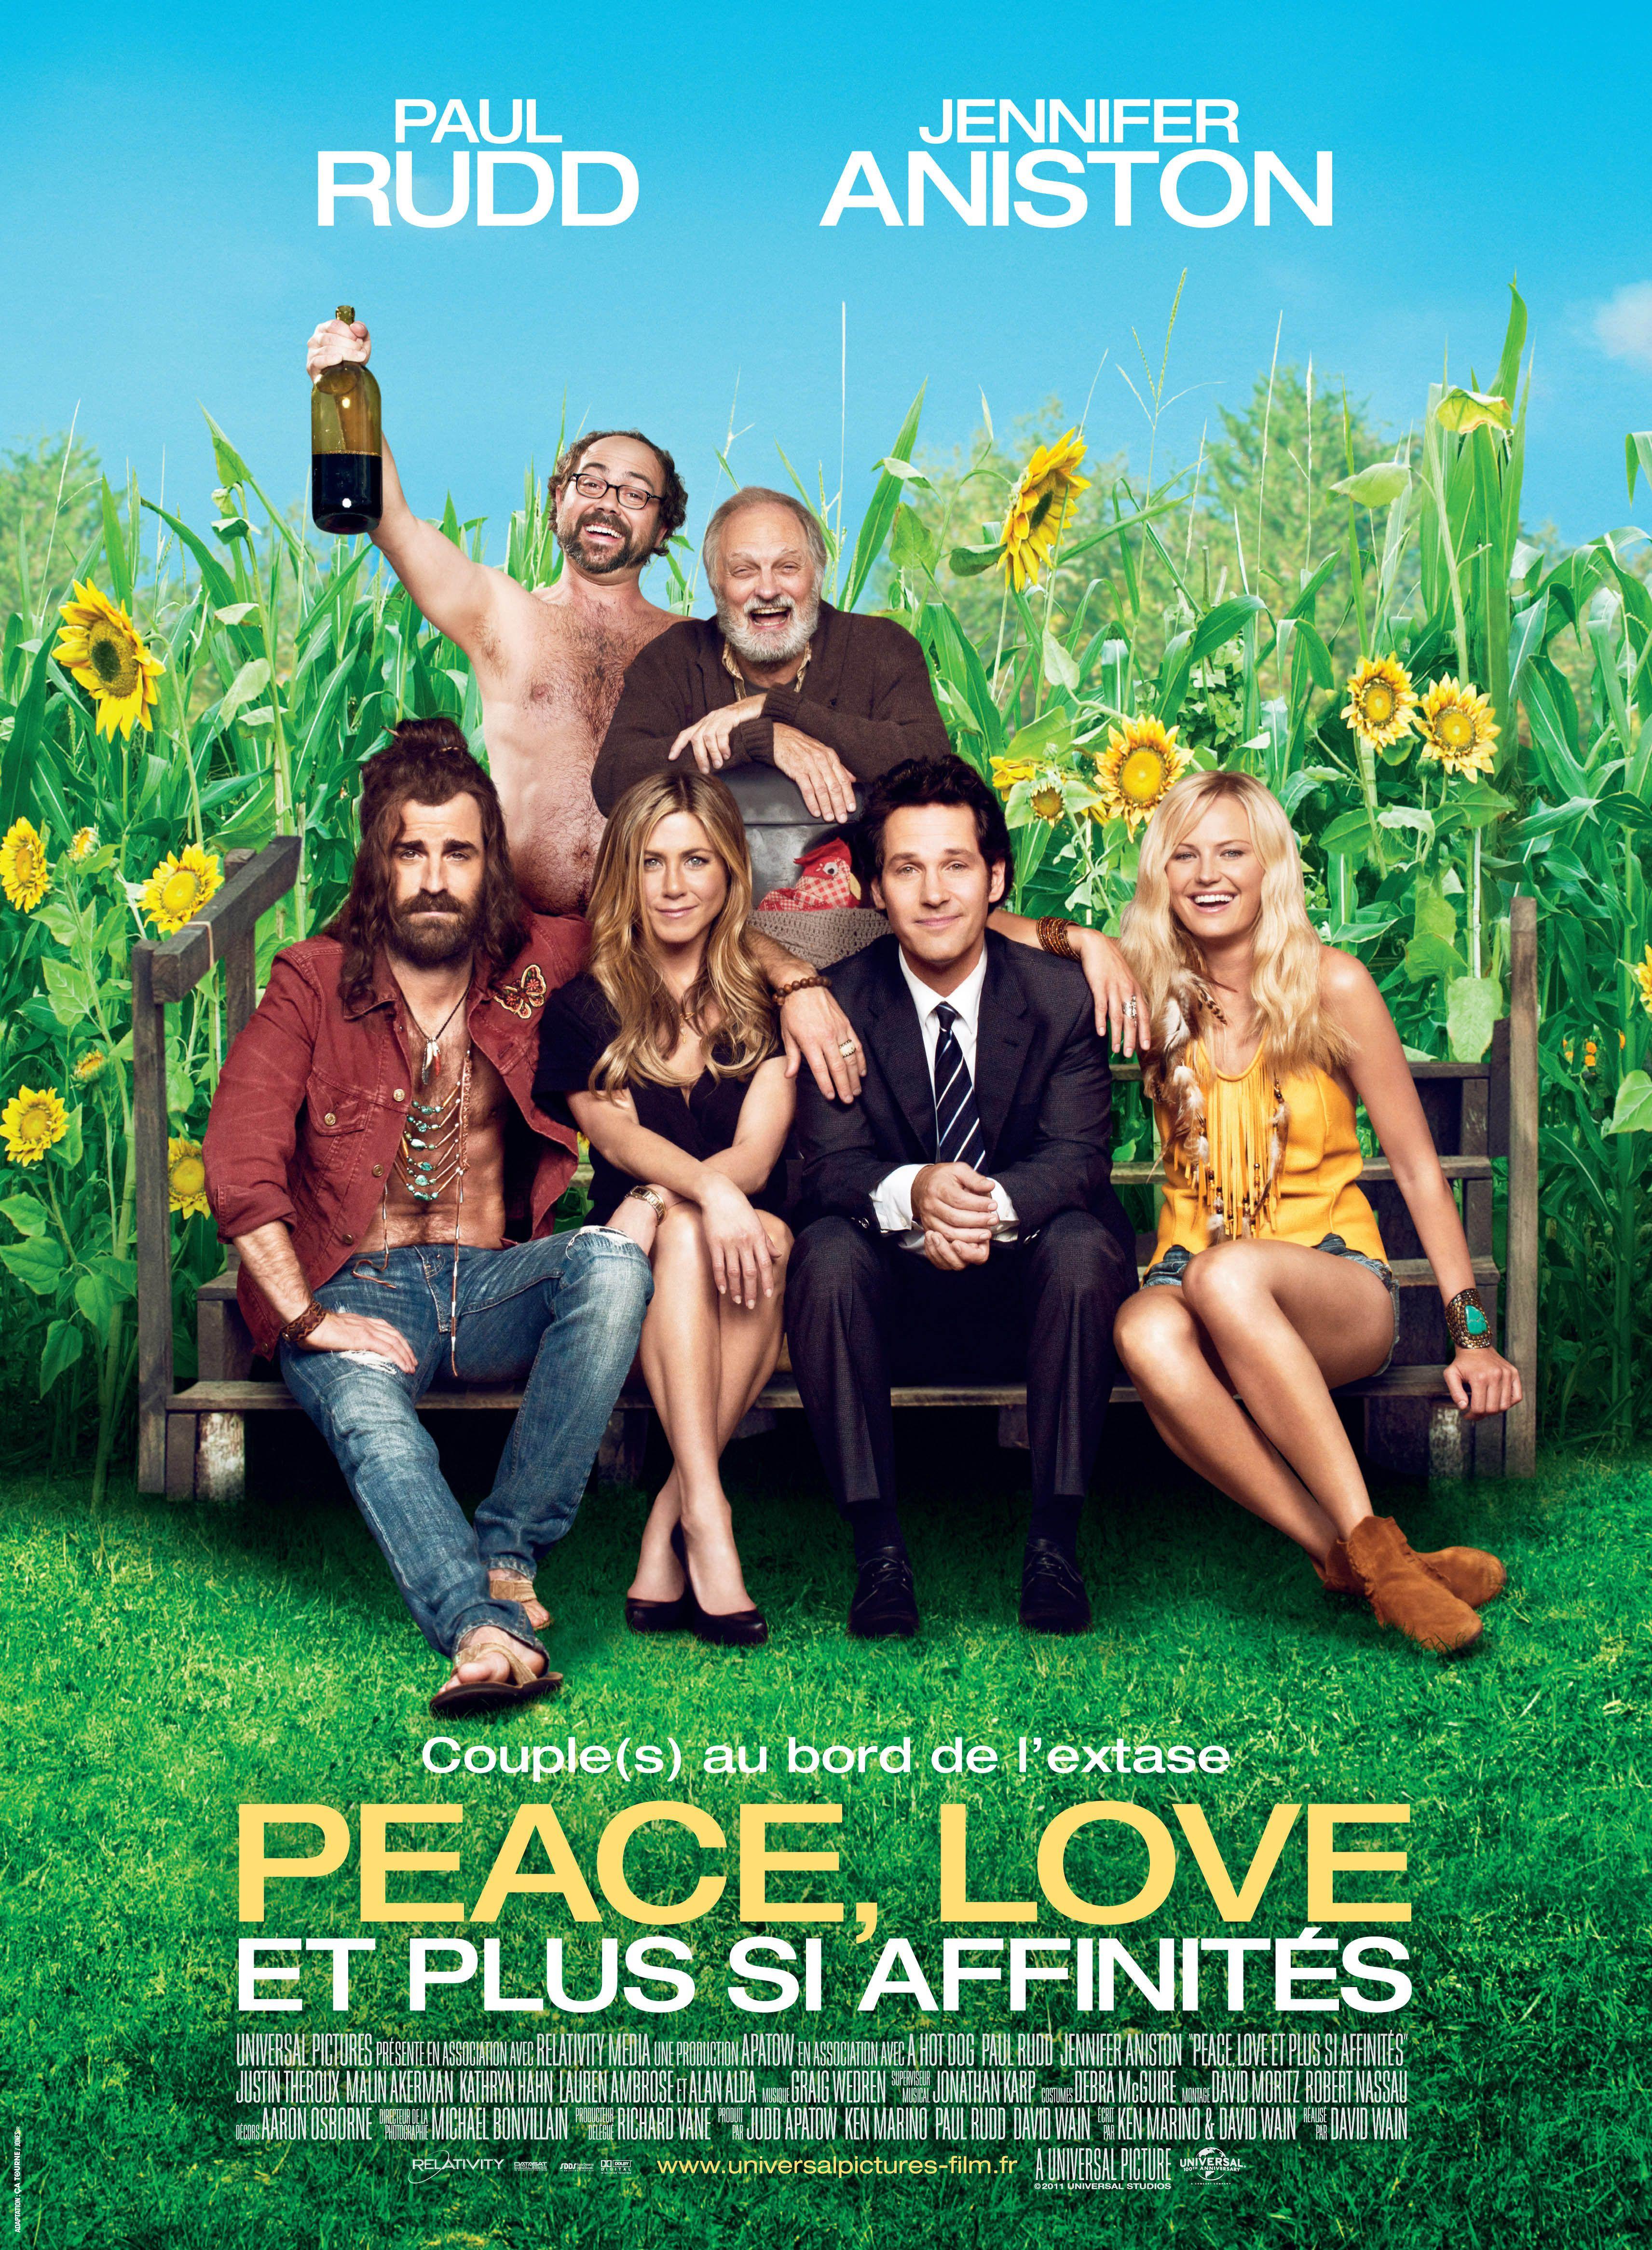 Peace, Love et plus si affinités - Film (2012)